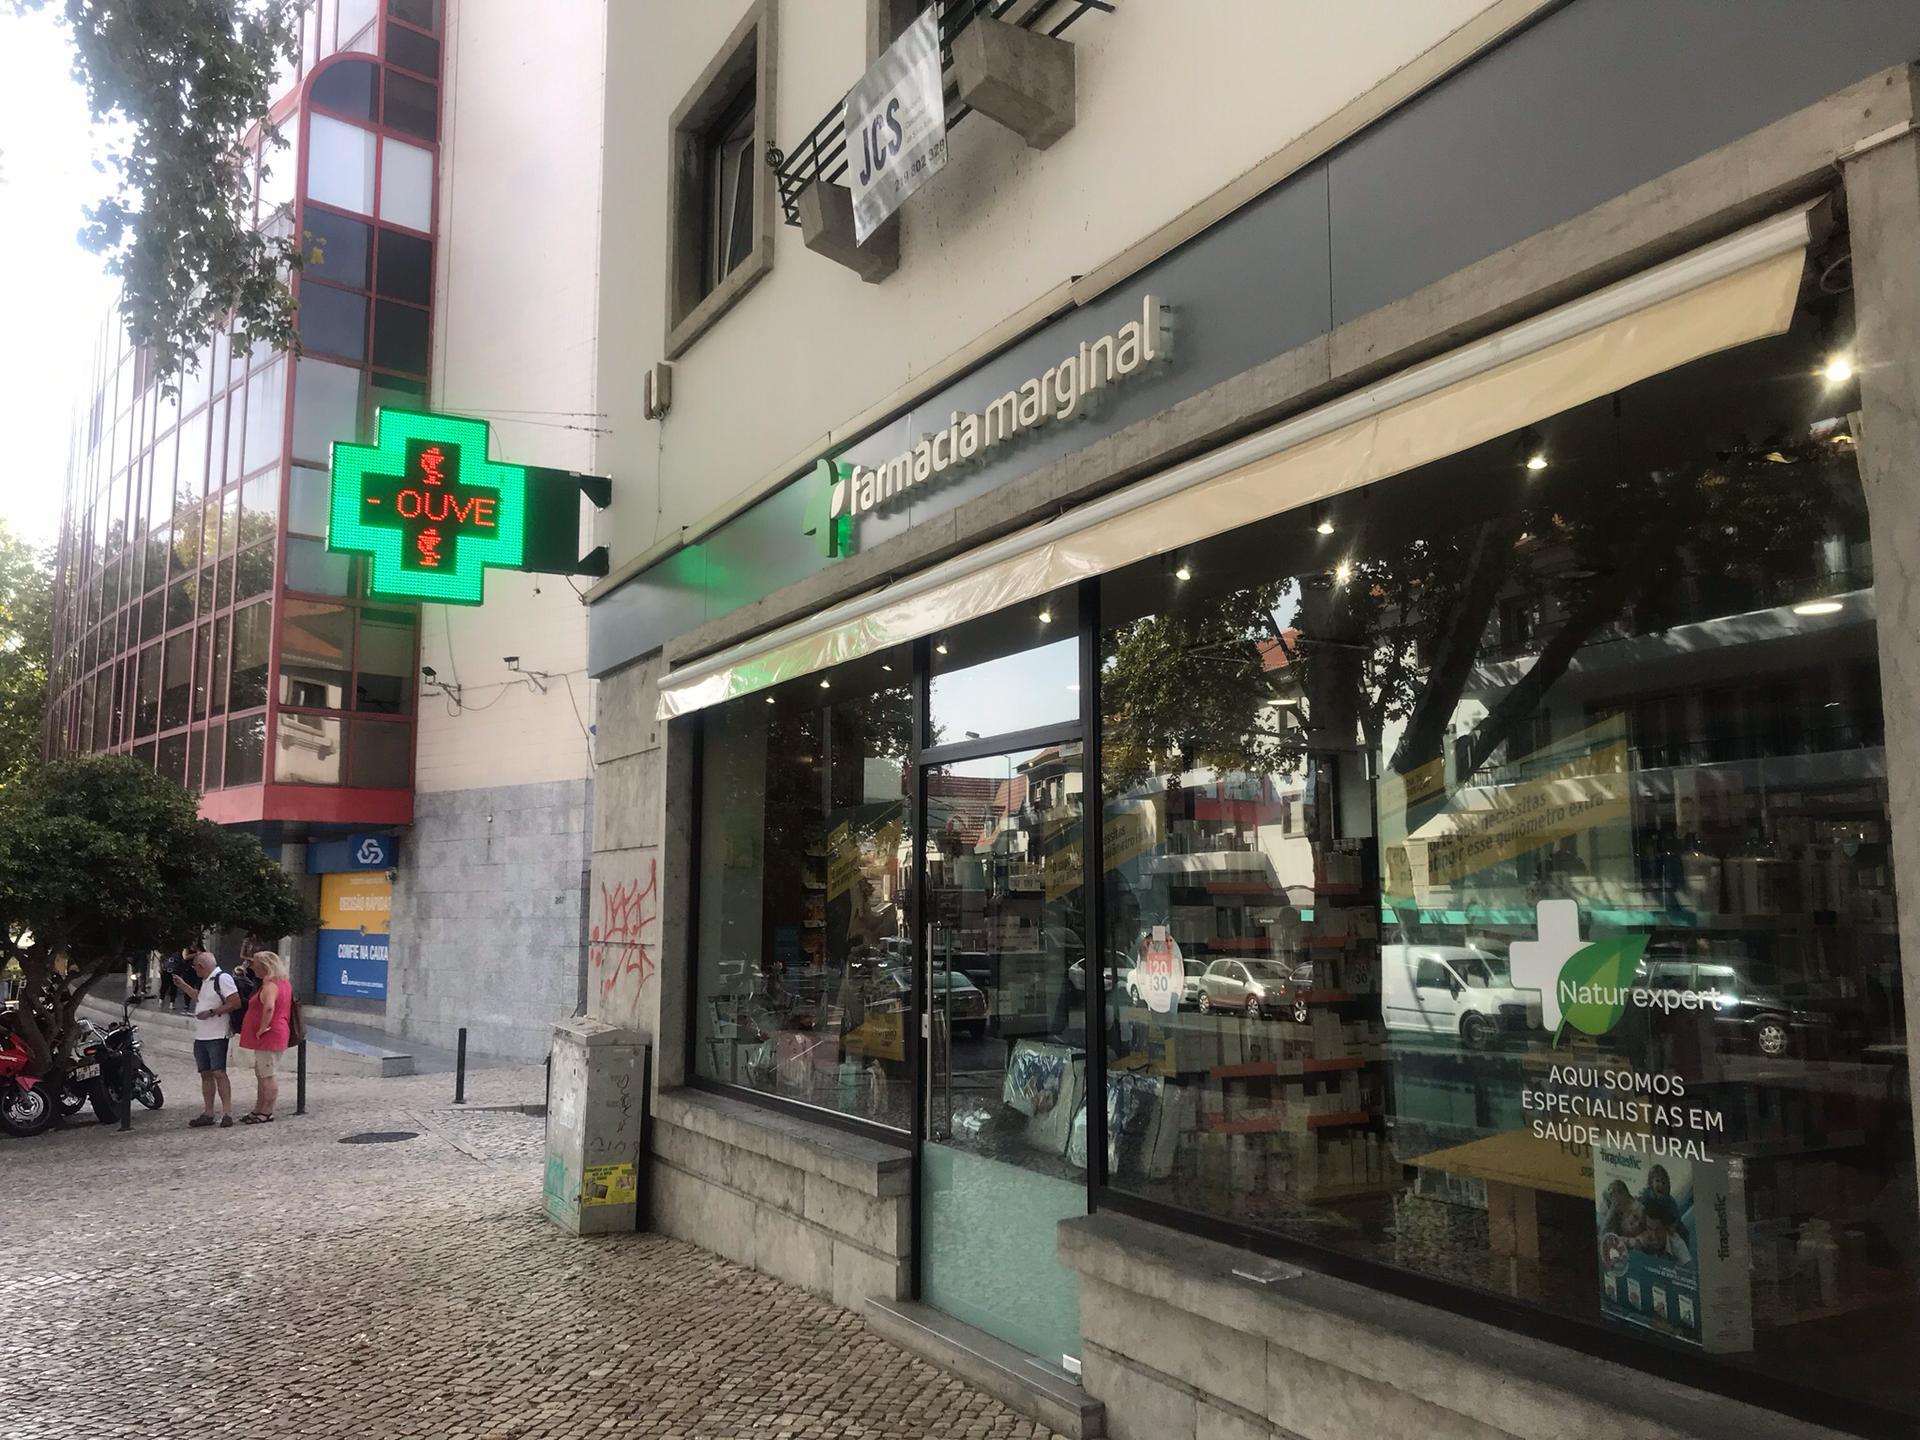 farmacia em Portugal - nacionalidade portuguesa